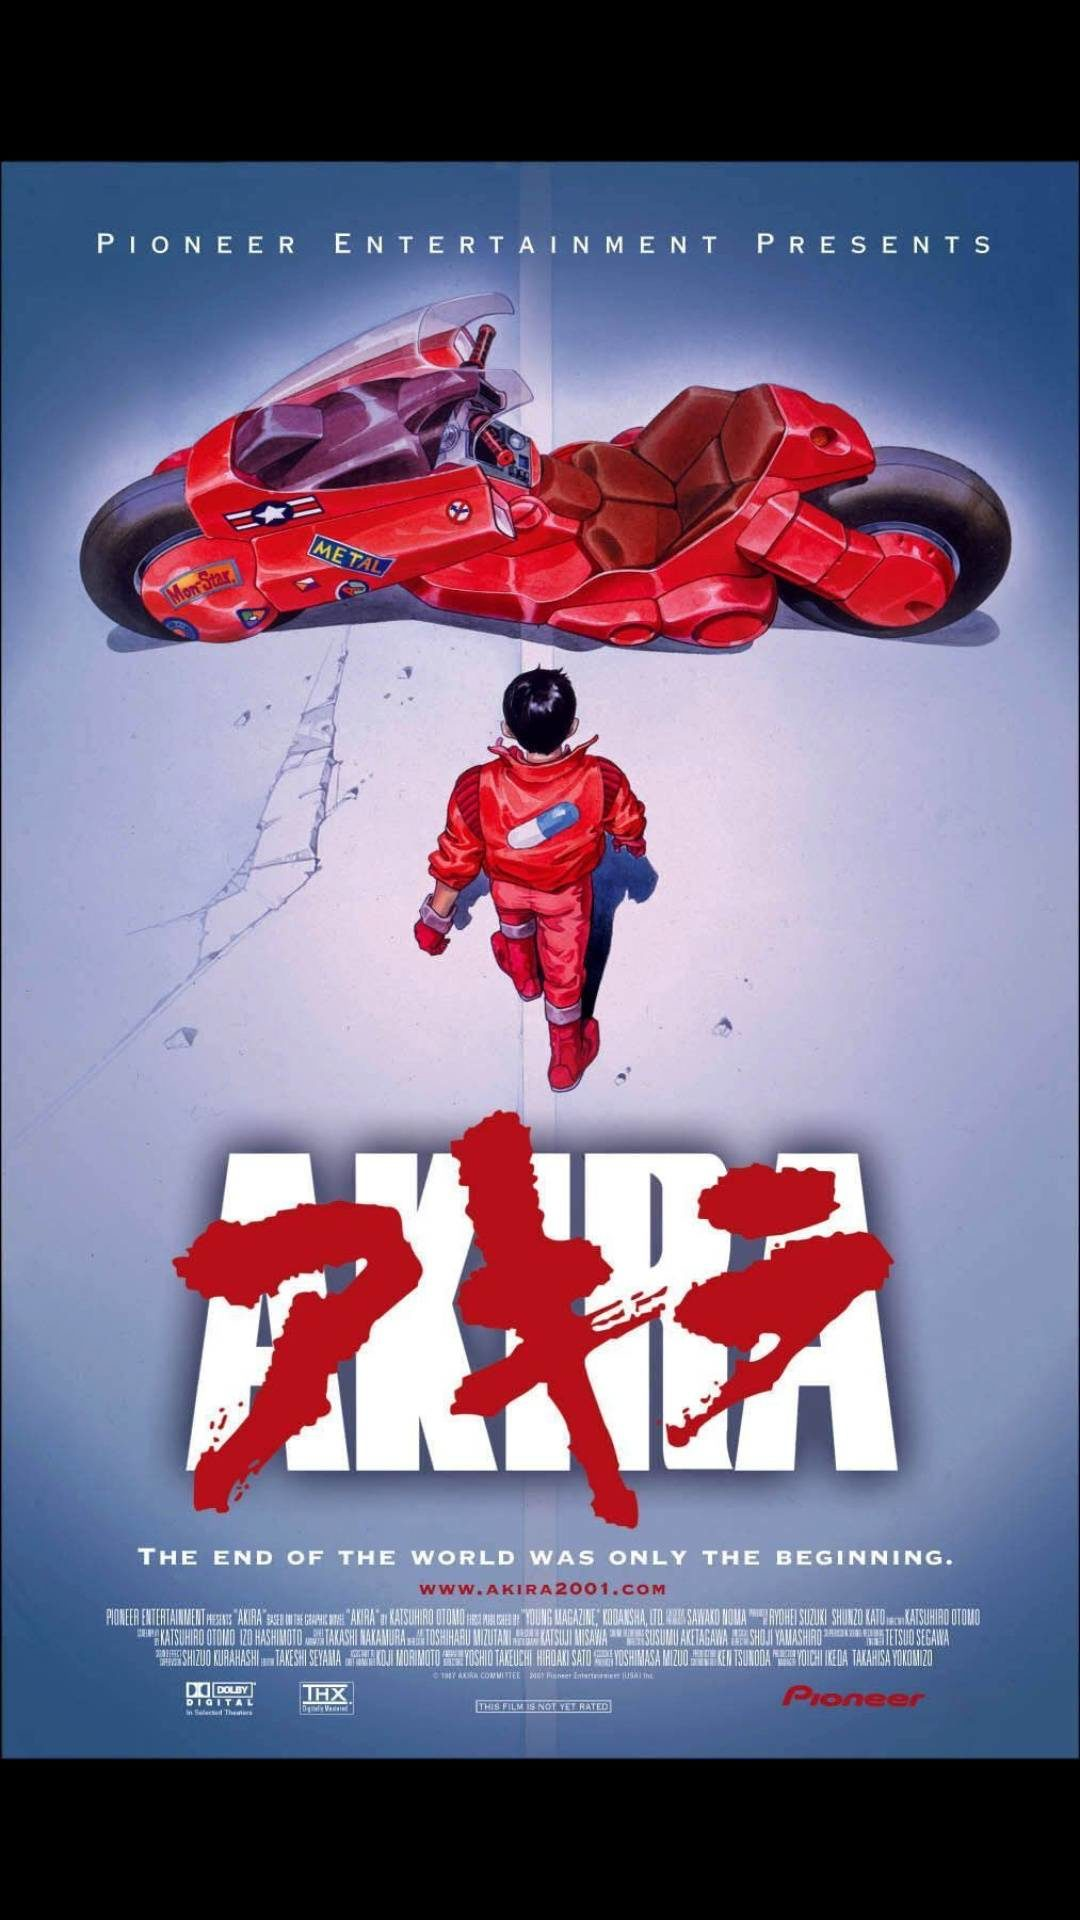 Parlons Cinéma : Akira, et le cinéma d'animation japonais devint mondial